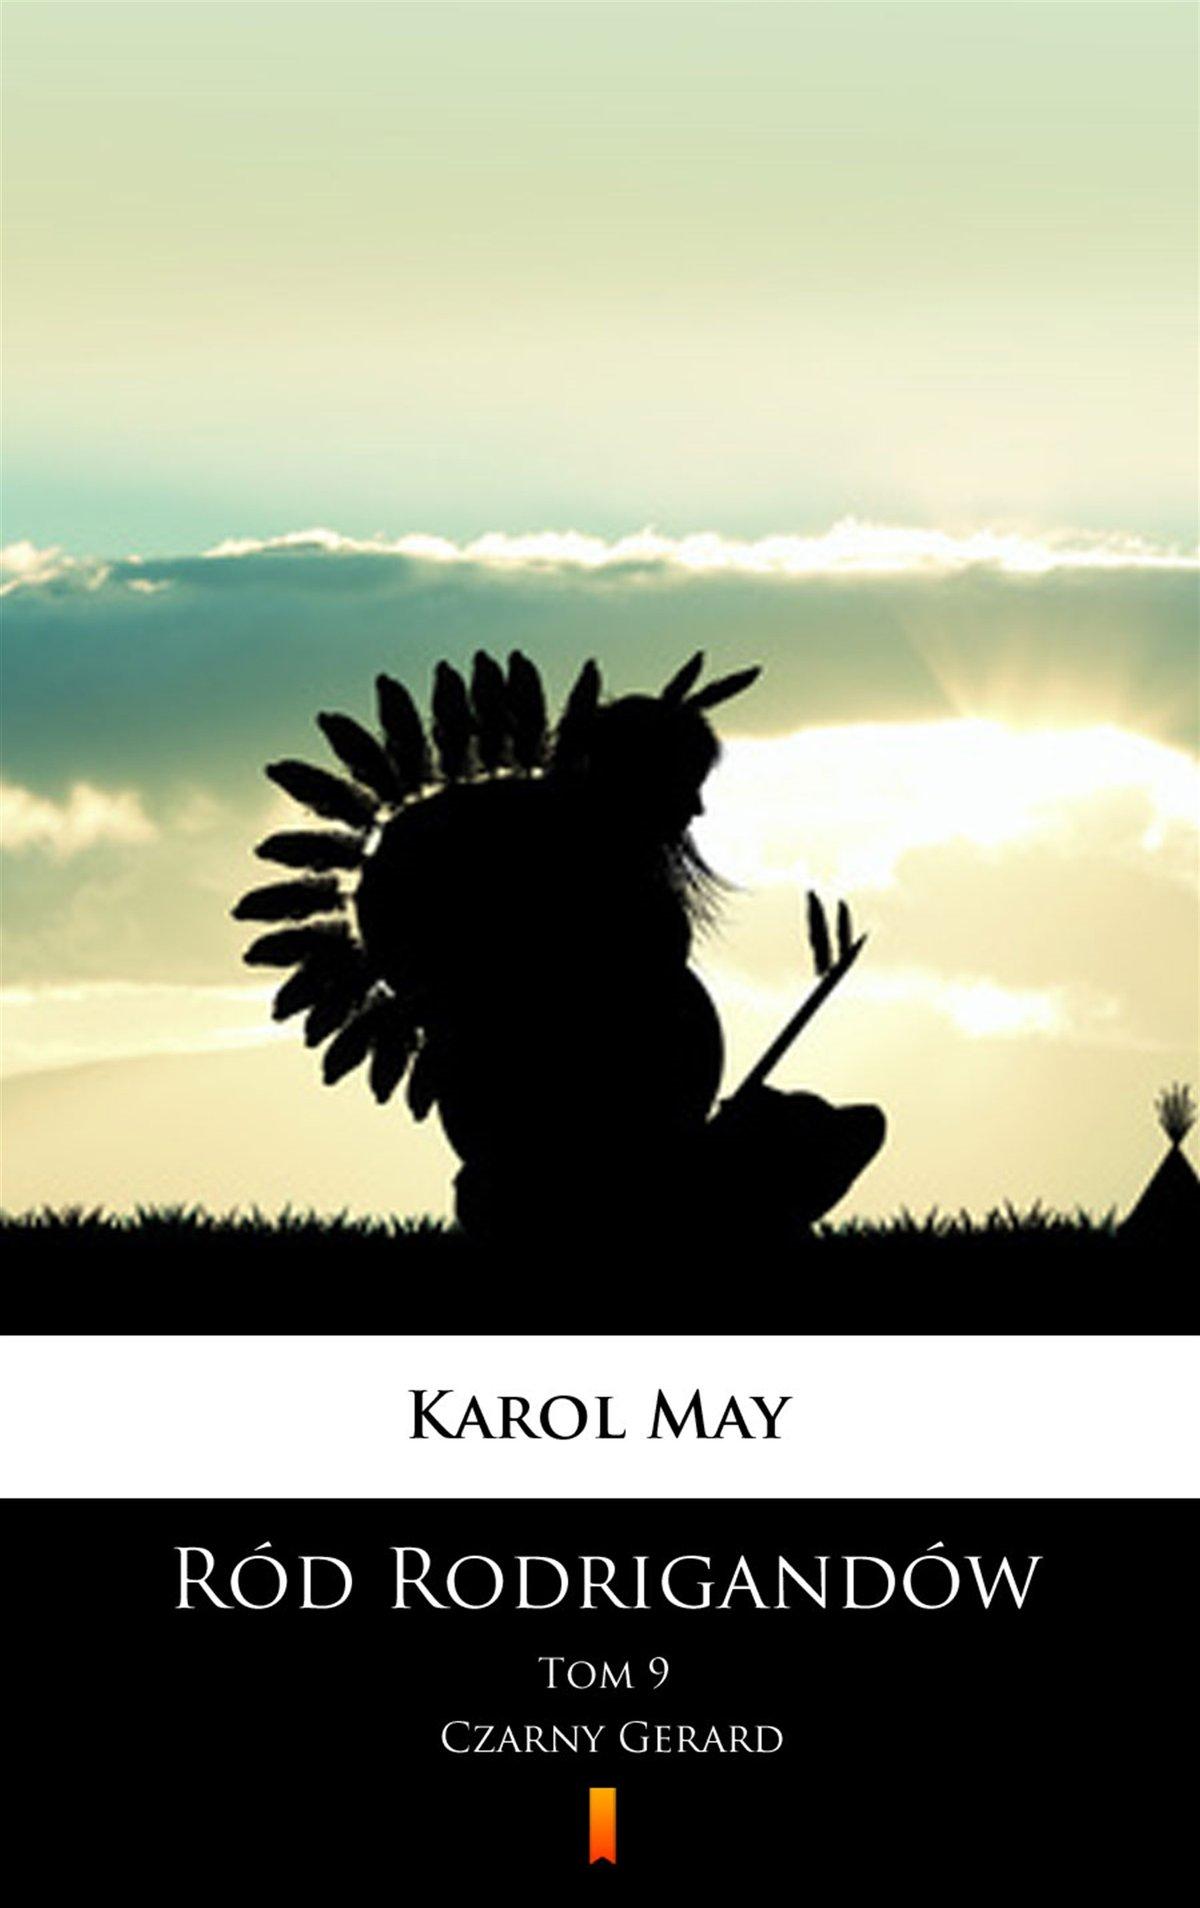 Ród Rodrigandów. Czarny Gerard - Ebook (Książka na Kindle) do pobrania w formacie MOBI